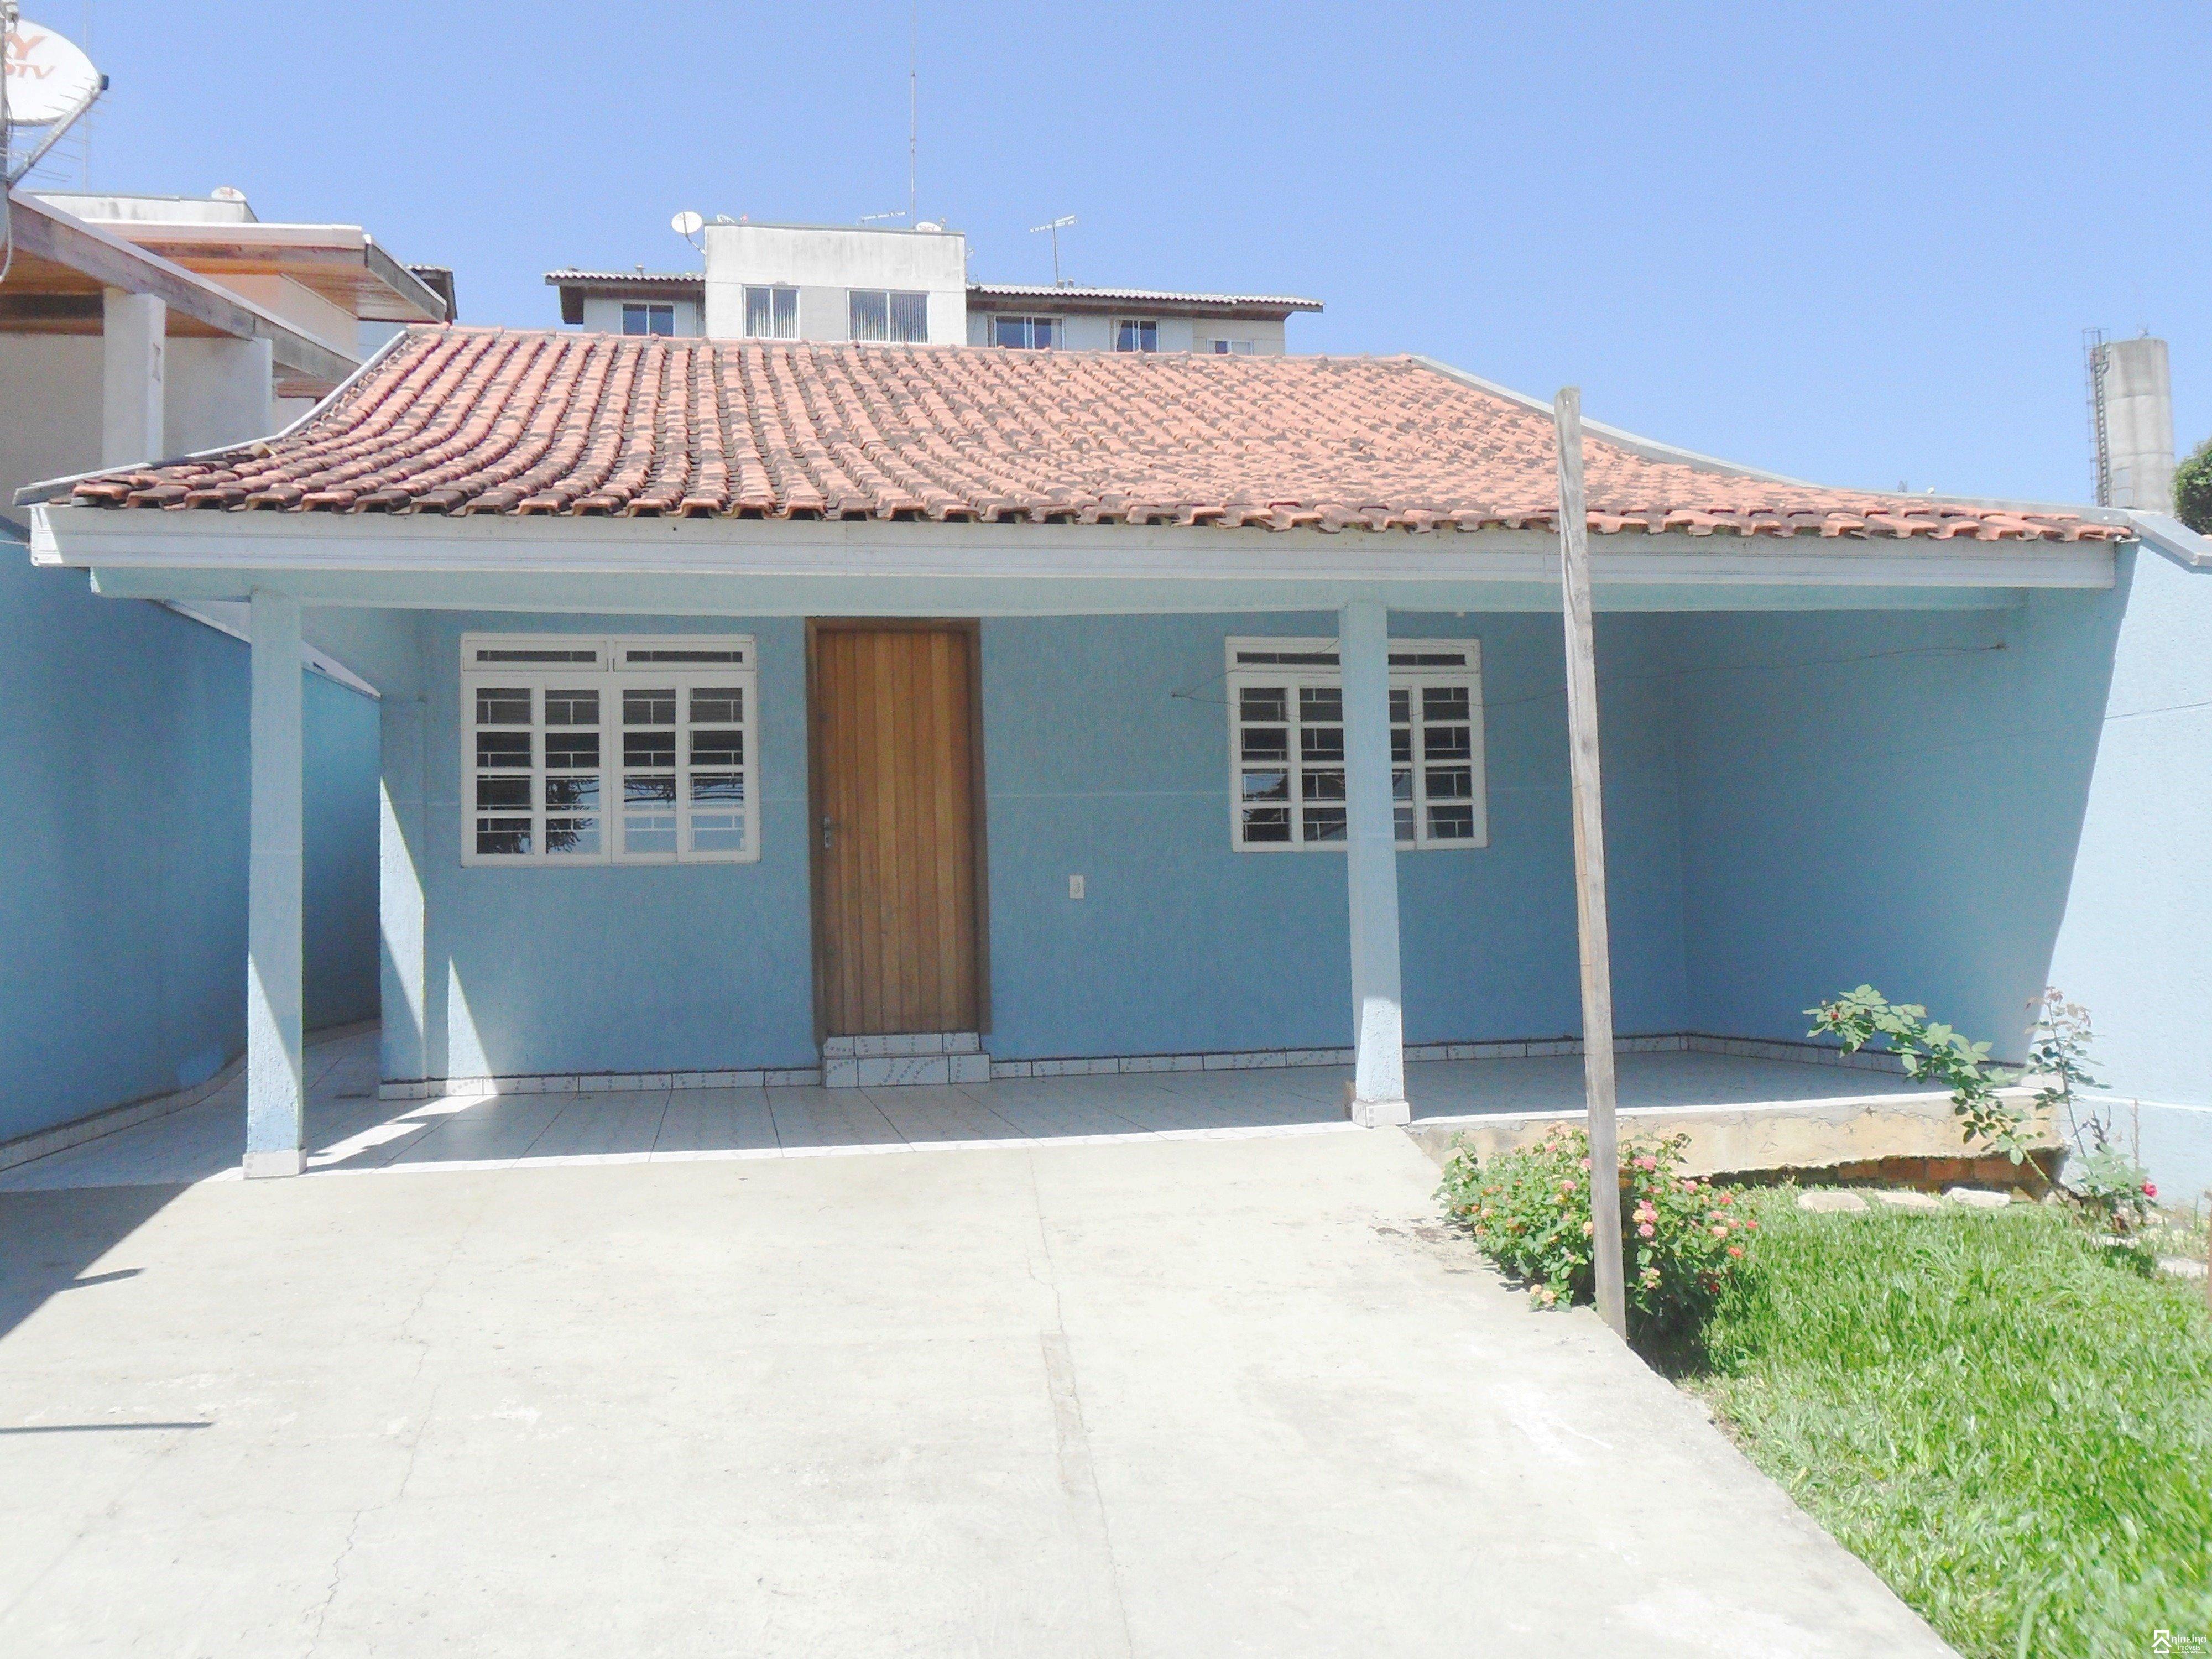 REF. 5951 -  São José Dos Pinhais - Rua  Moacir Tomelin, 188